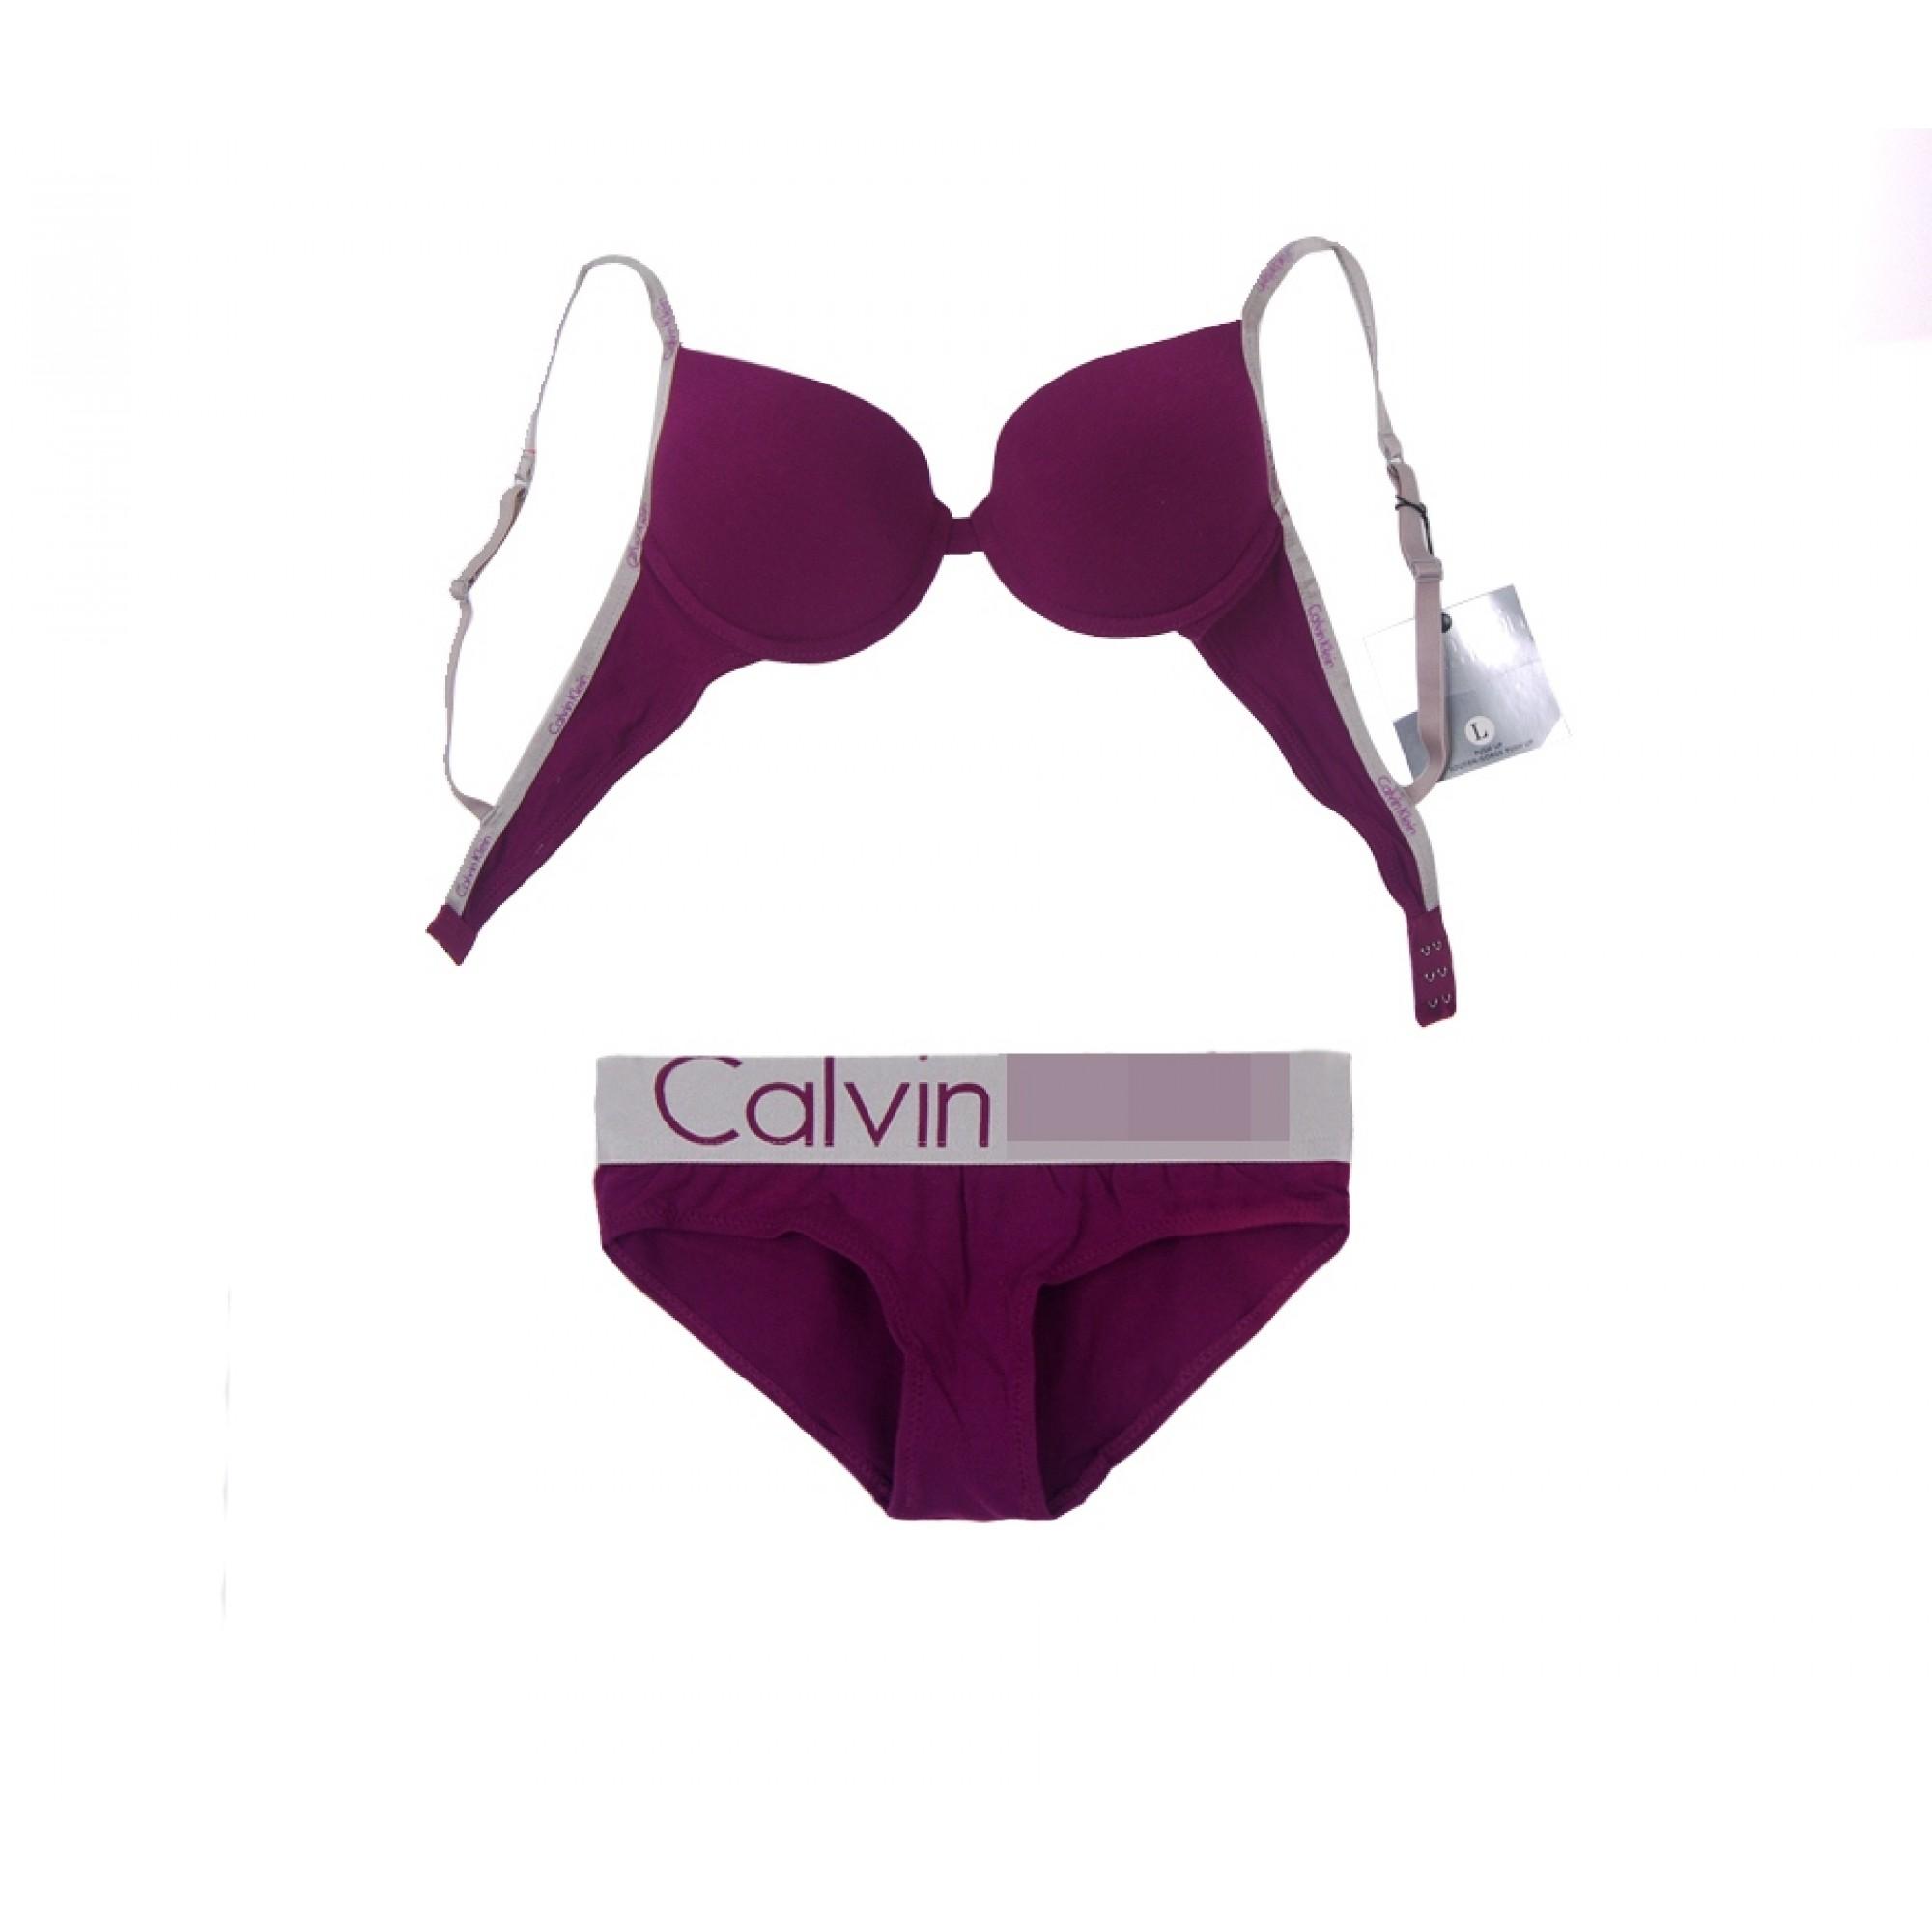 eda305f9f716 Купить набор нижнего белья от Calvin Klein — в Киеве, код товара 5927